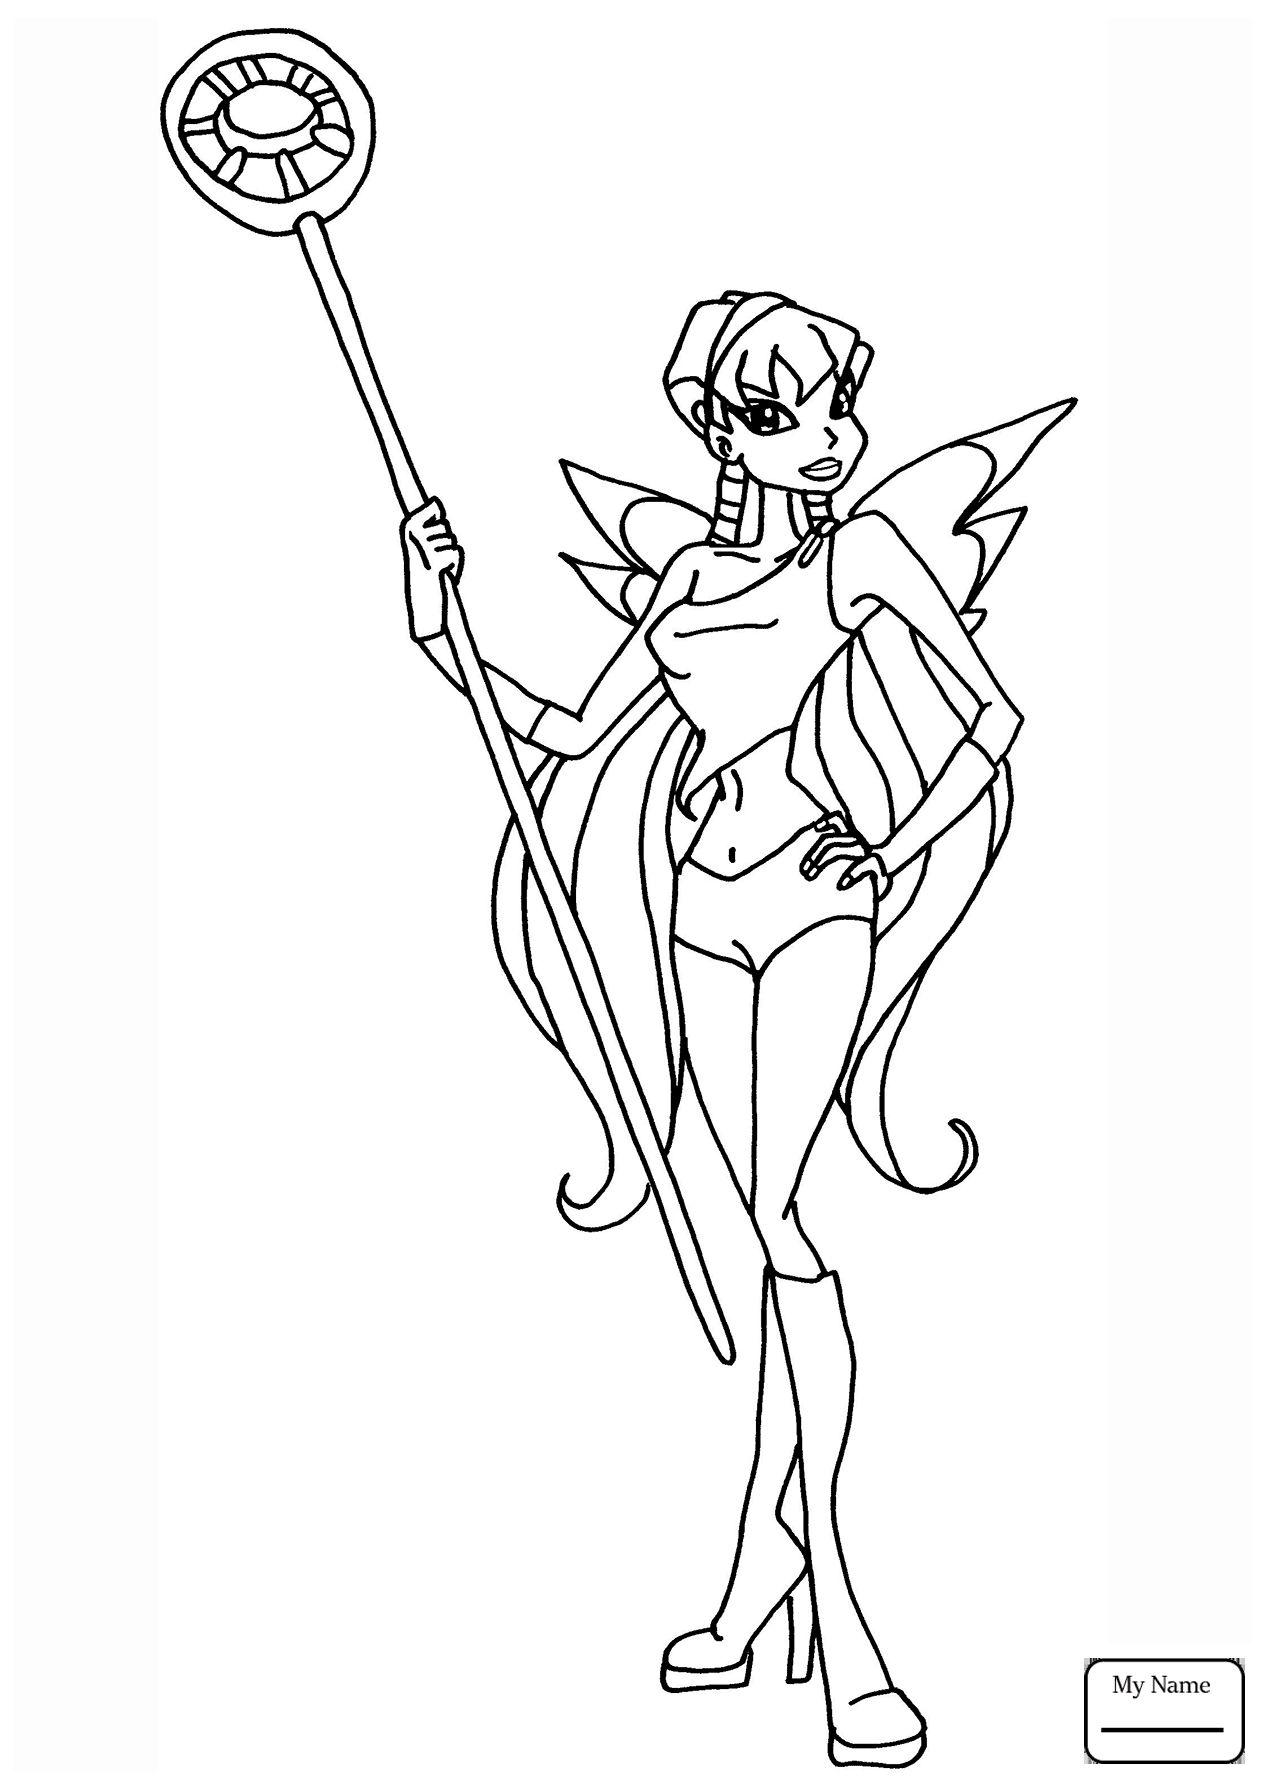 Tranh Tô Màu Công Chúa Phép Thuật Winx - Stella 23